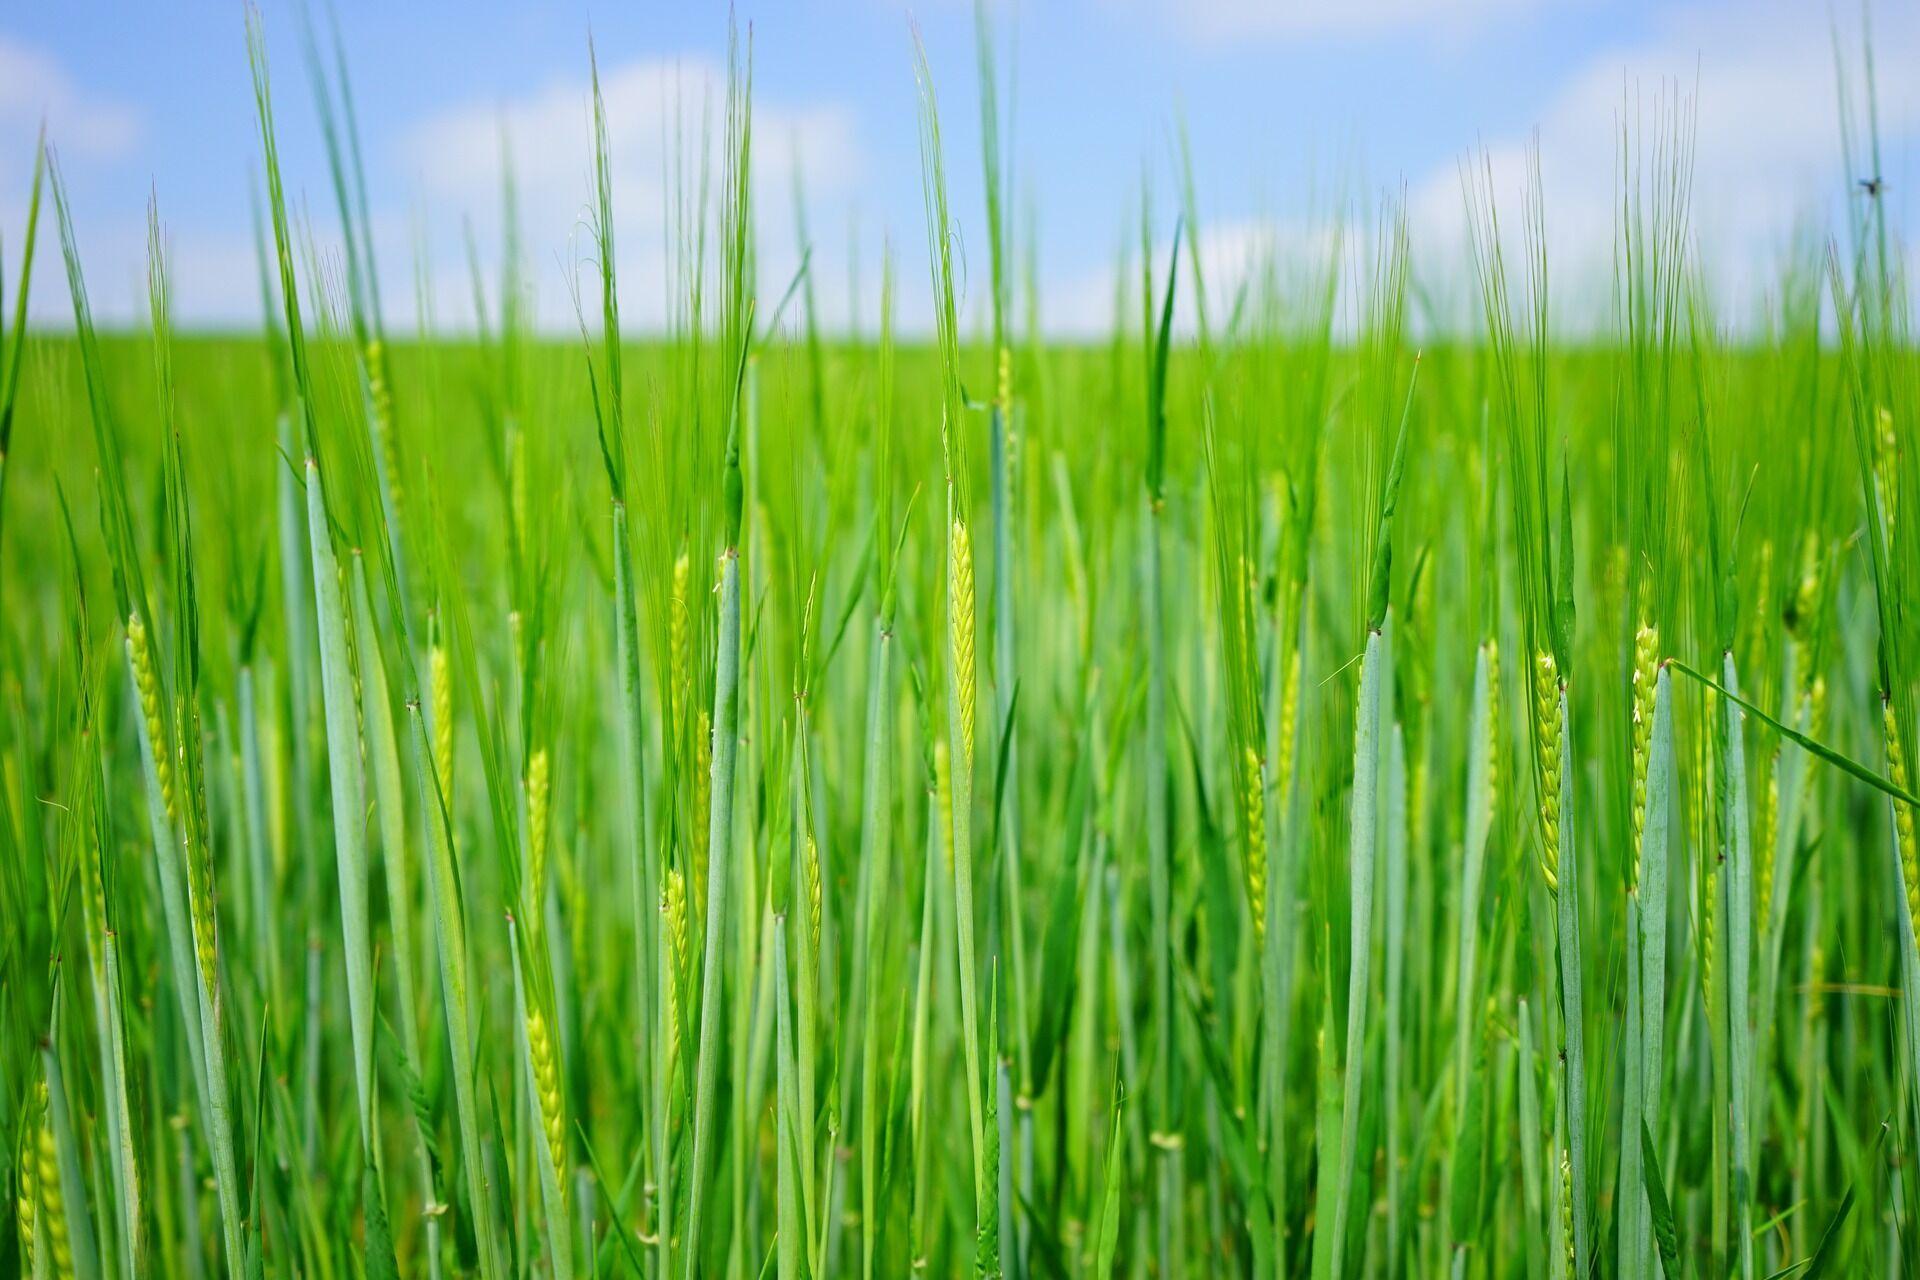 На Пахома Теплого зазвичай сіяли залишки пшениці